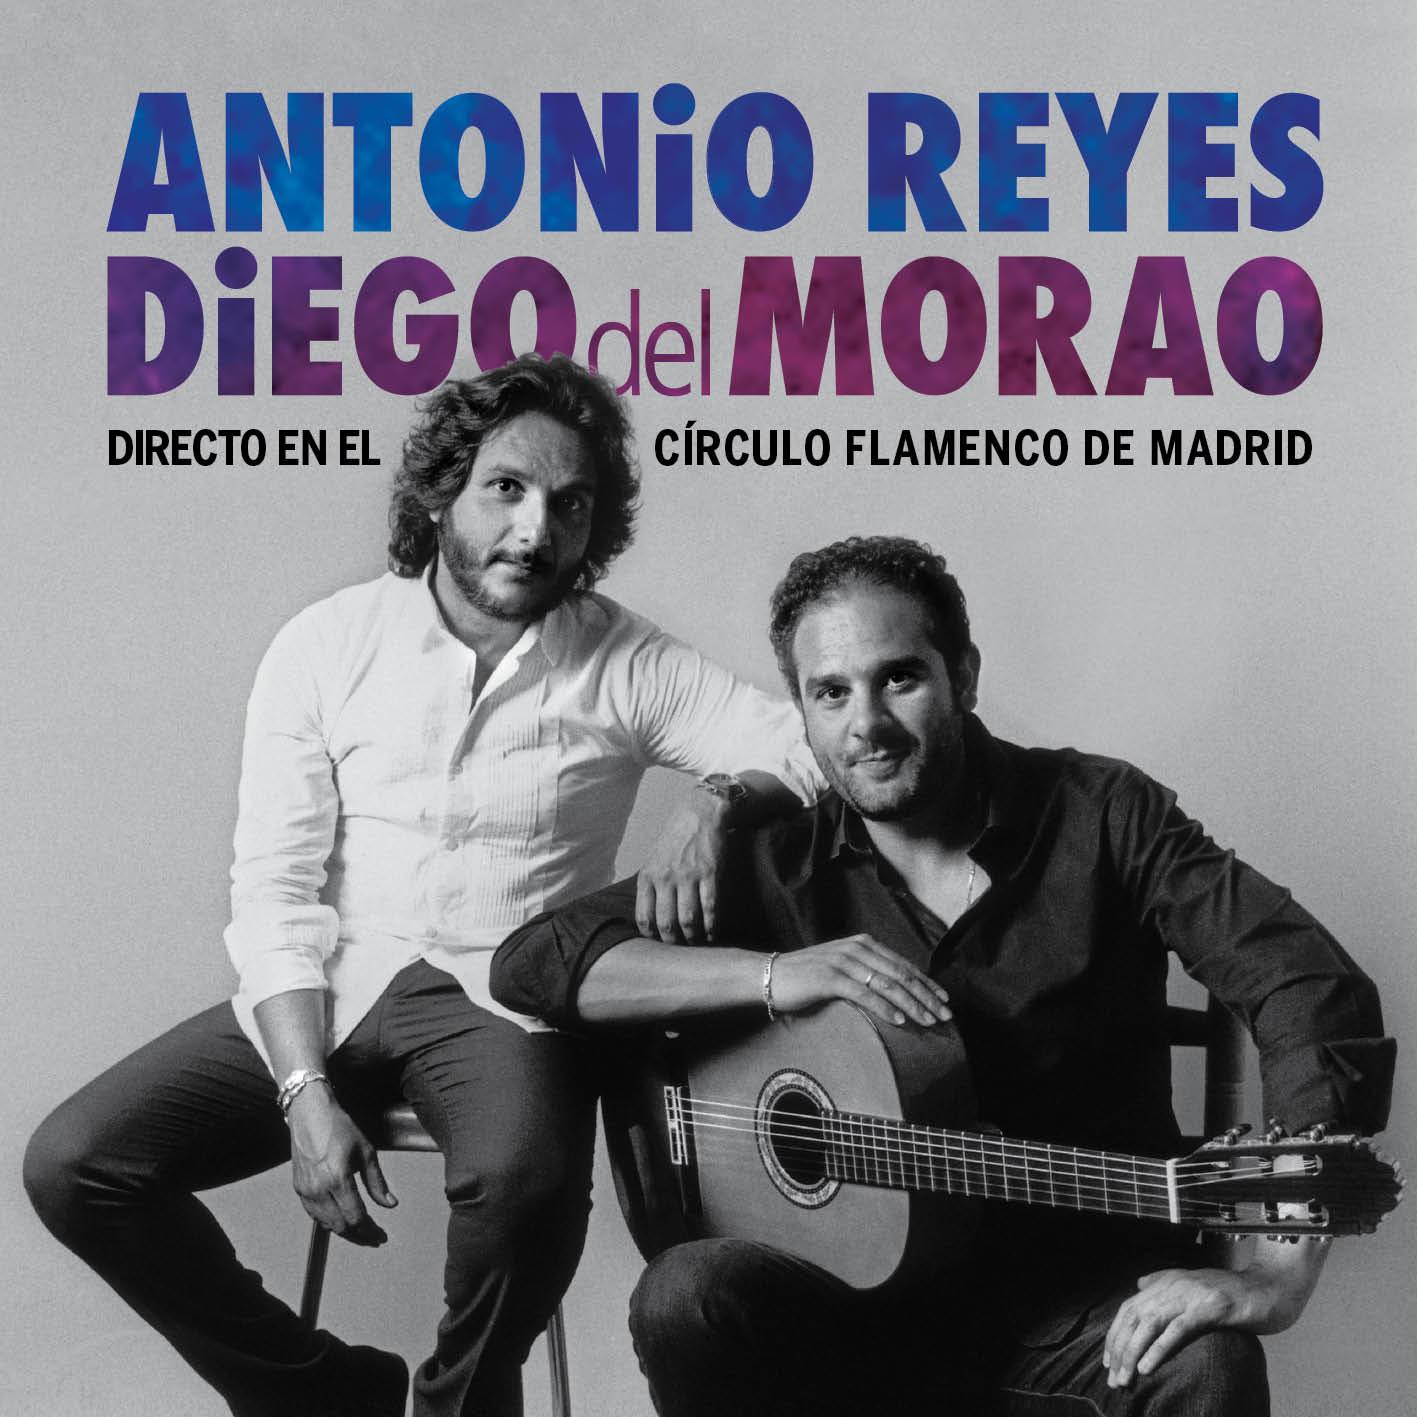 Foto del directo de Antonio Reyes y Diego del Morao en el Círculo Flamenco de Madrid